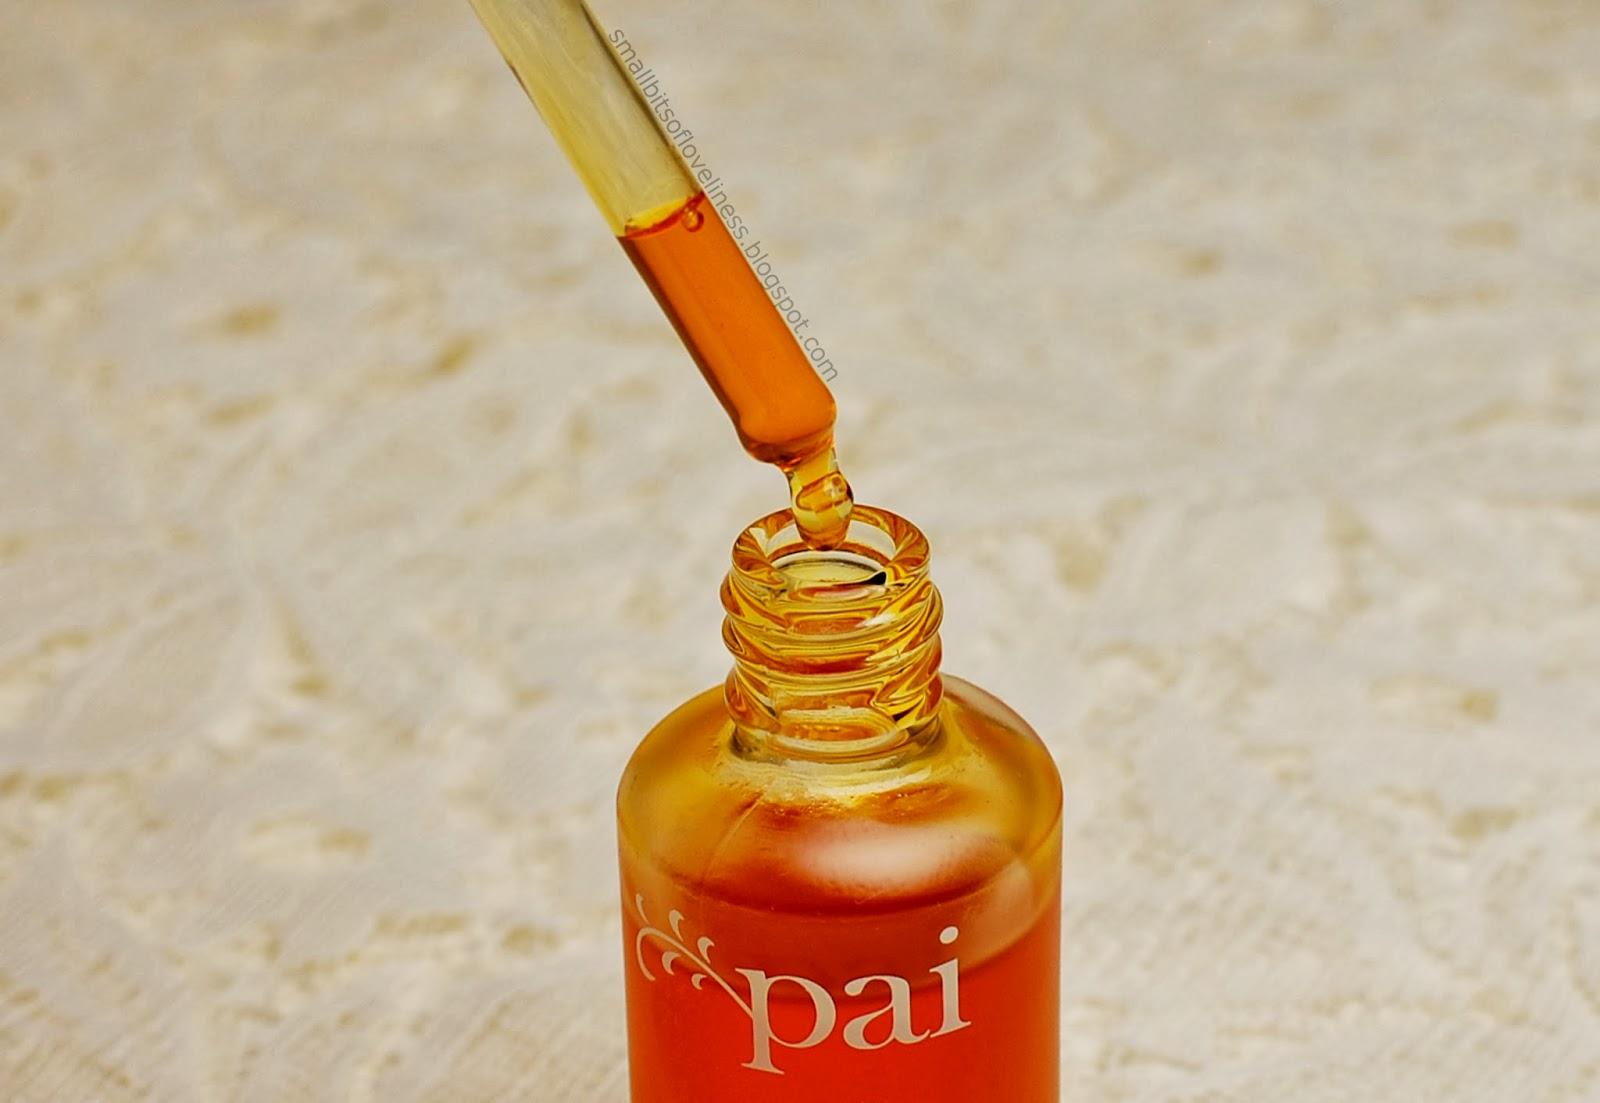 Pai Šipkovo olje